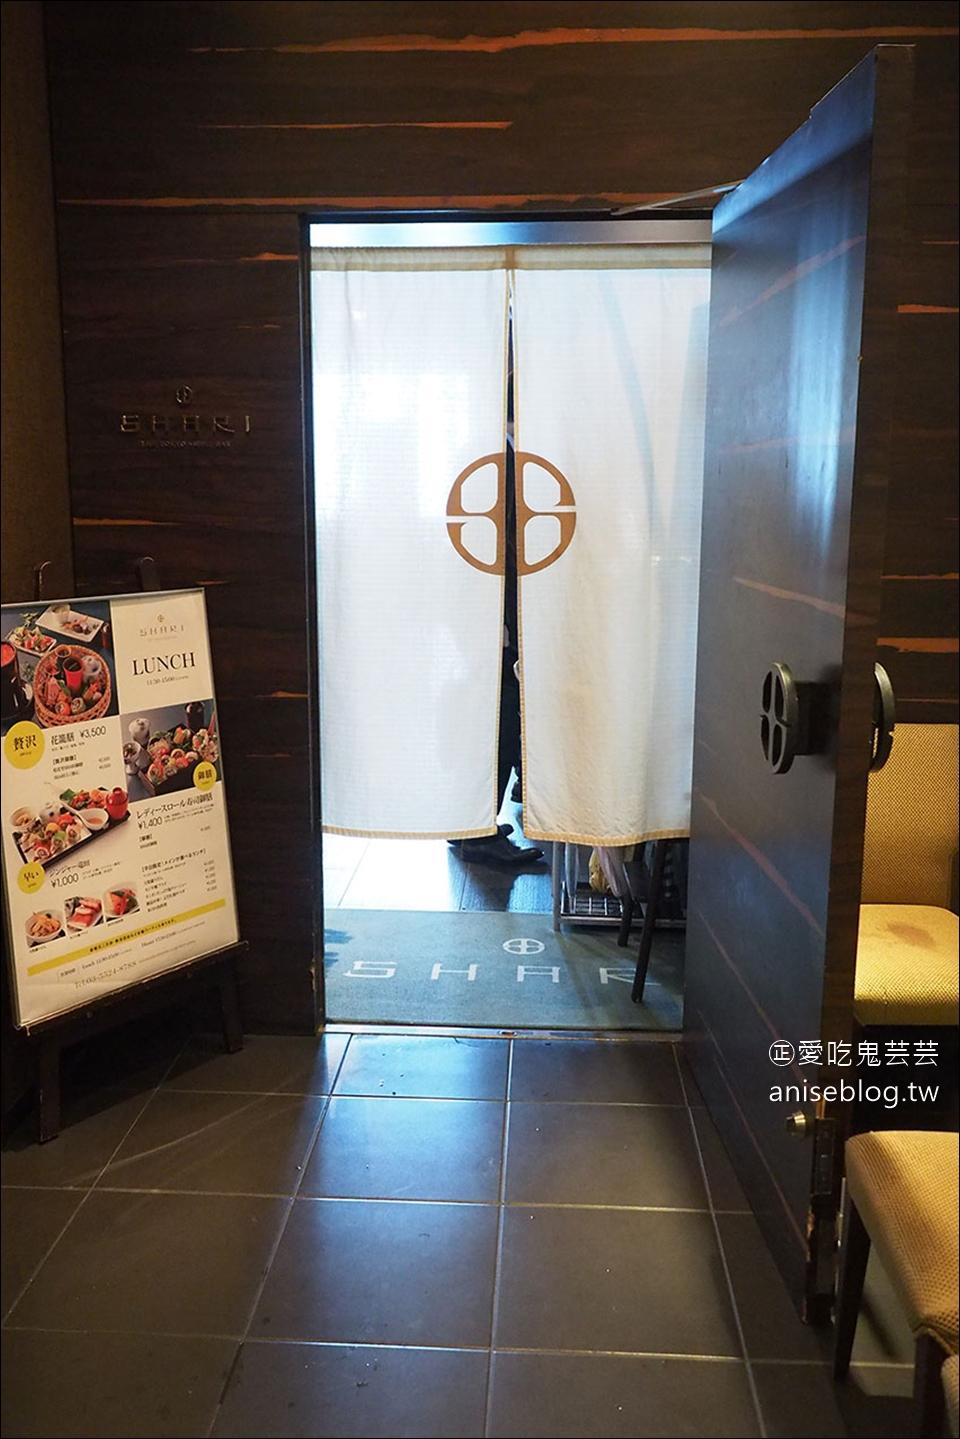 銀座超值商業午餐 | SHARI THE TOKYO SUSHI BAR,優雅美麗的彩虹壽司,日本OL最愛